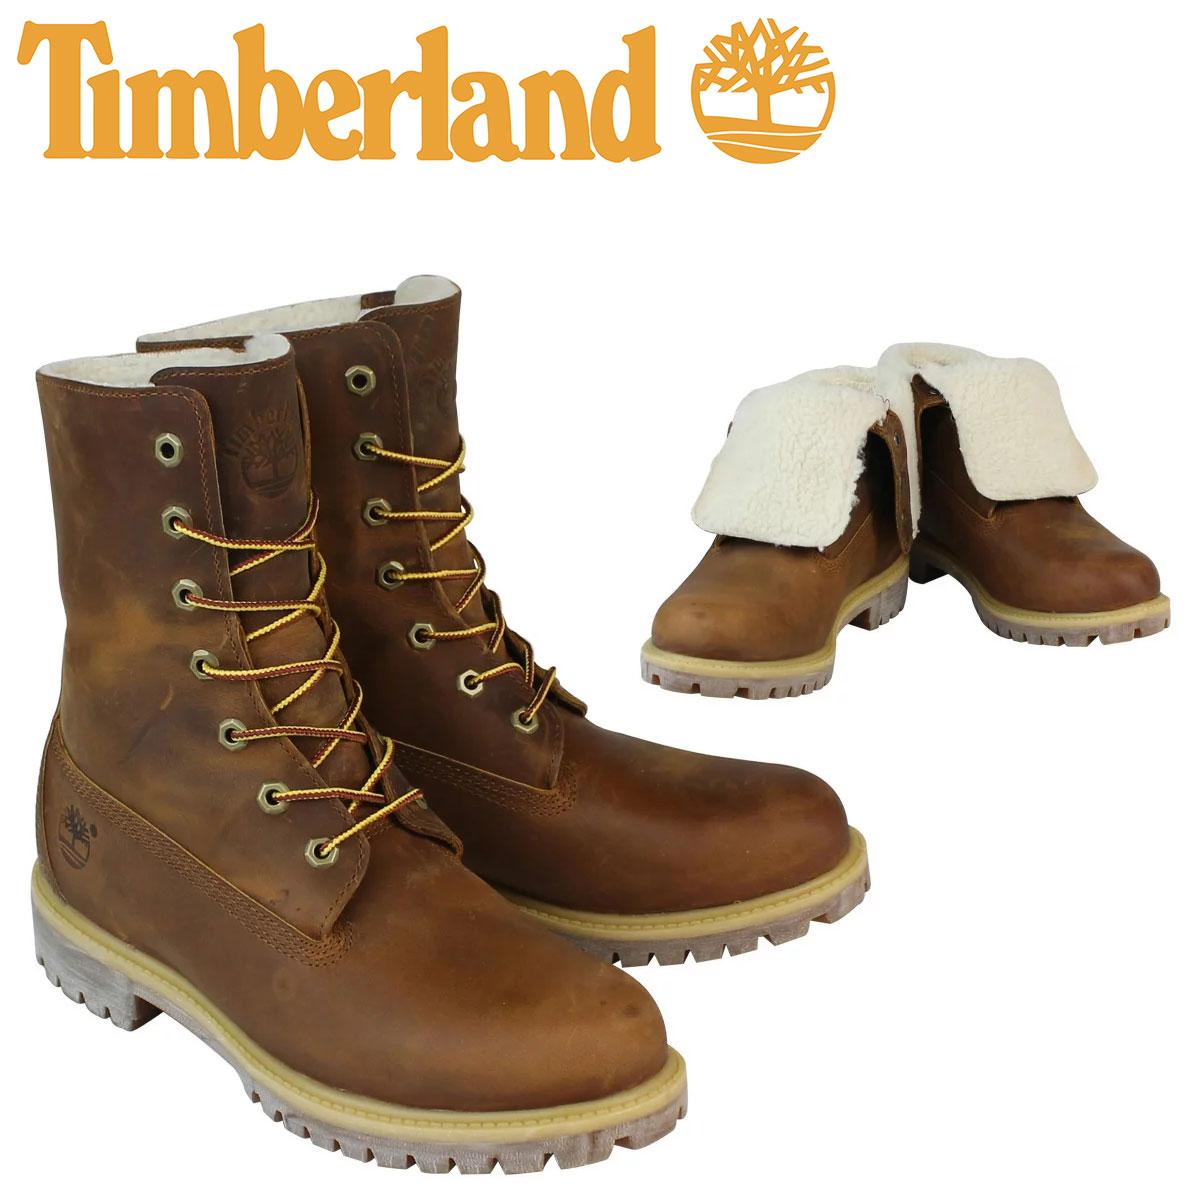 ティンバーランド ブーツ メンズ Timberland HERITAGE FOLD-DOWN WARM FLEECE LINED BOOT ヘリテージ フォルドダウン フリース ライン A118Y ブラウン